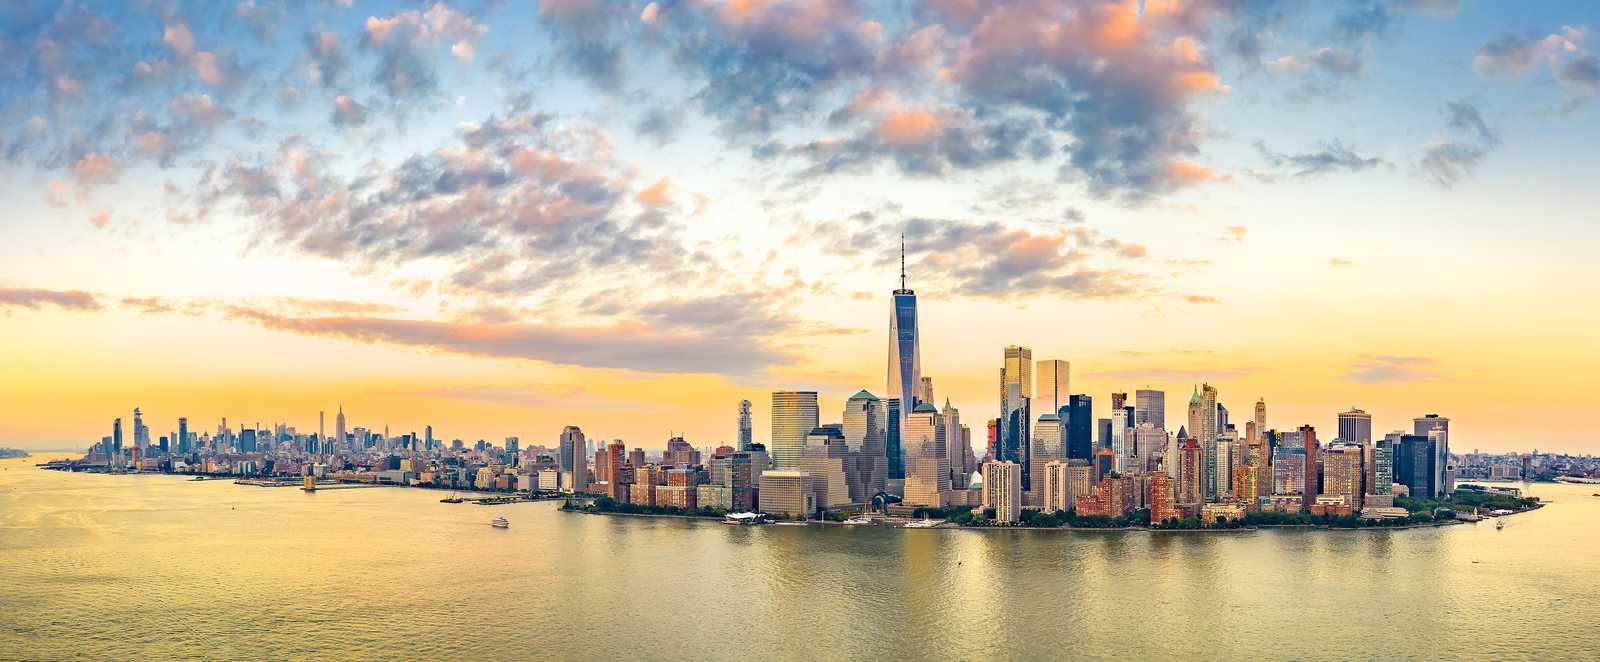 Blick auf die Skyline von Manhattan, New York City